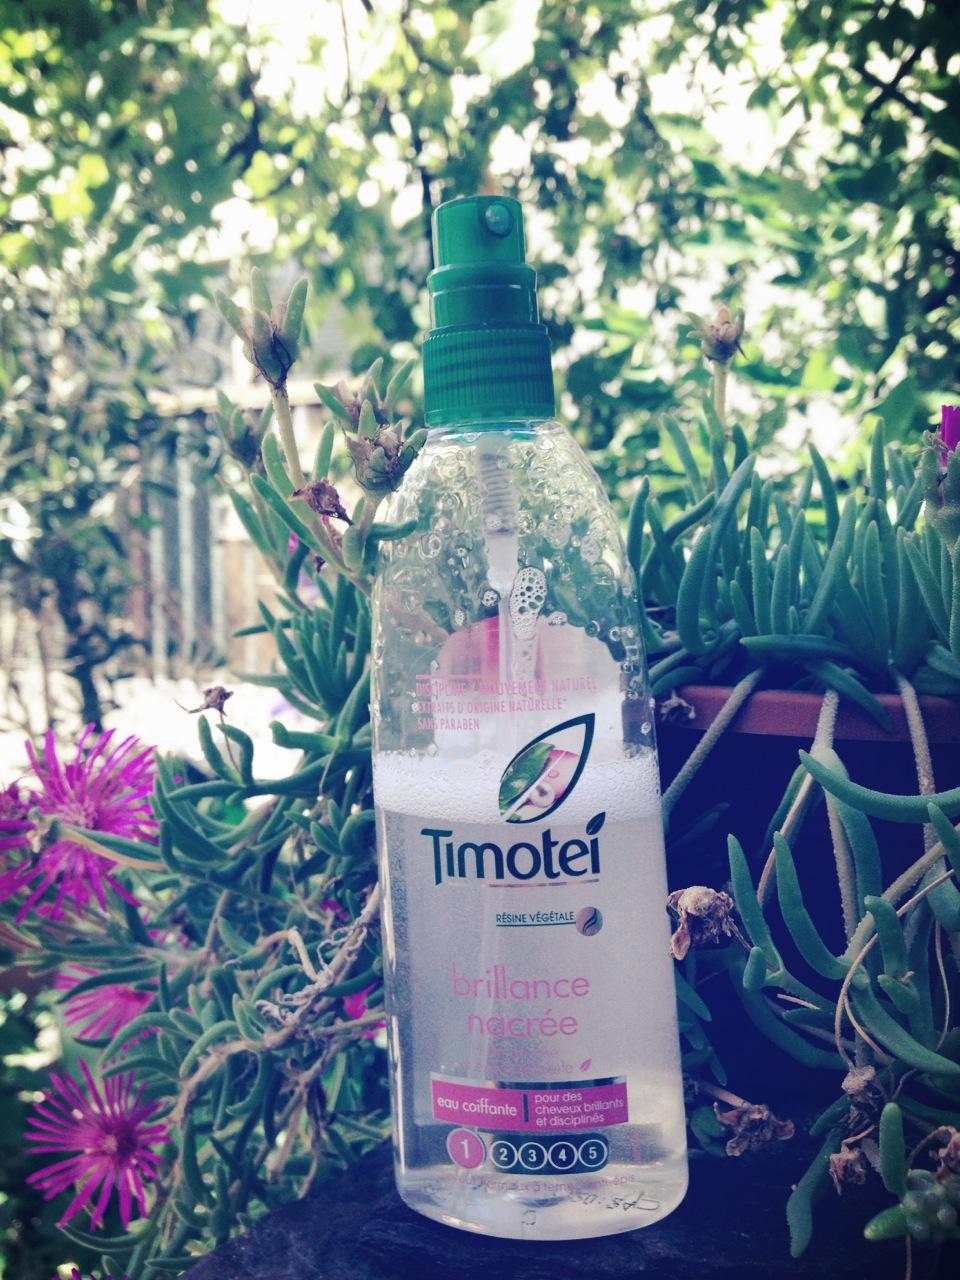 eau brillance nacrée timotei